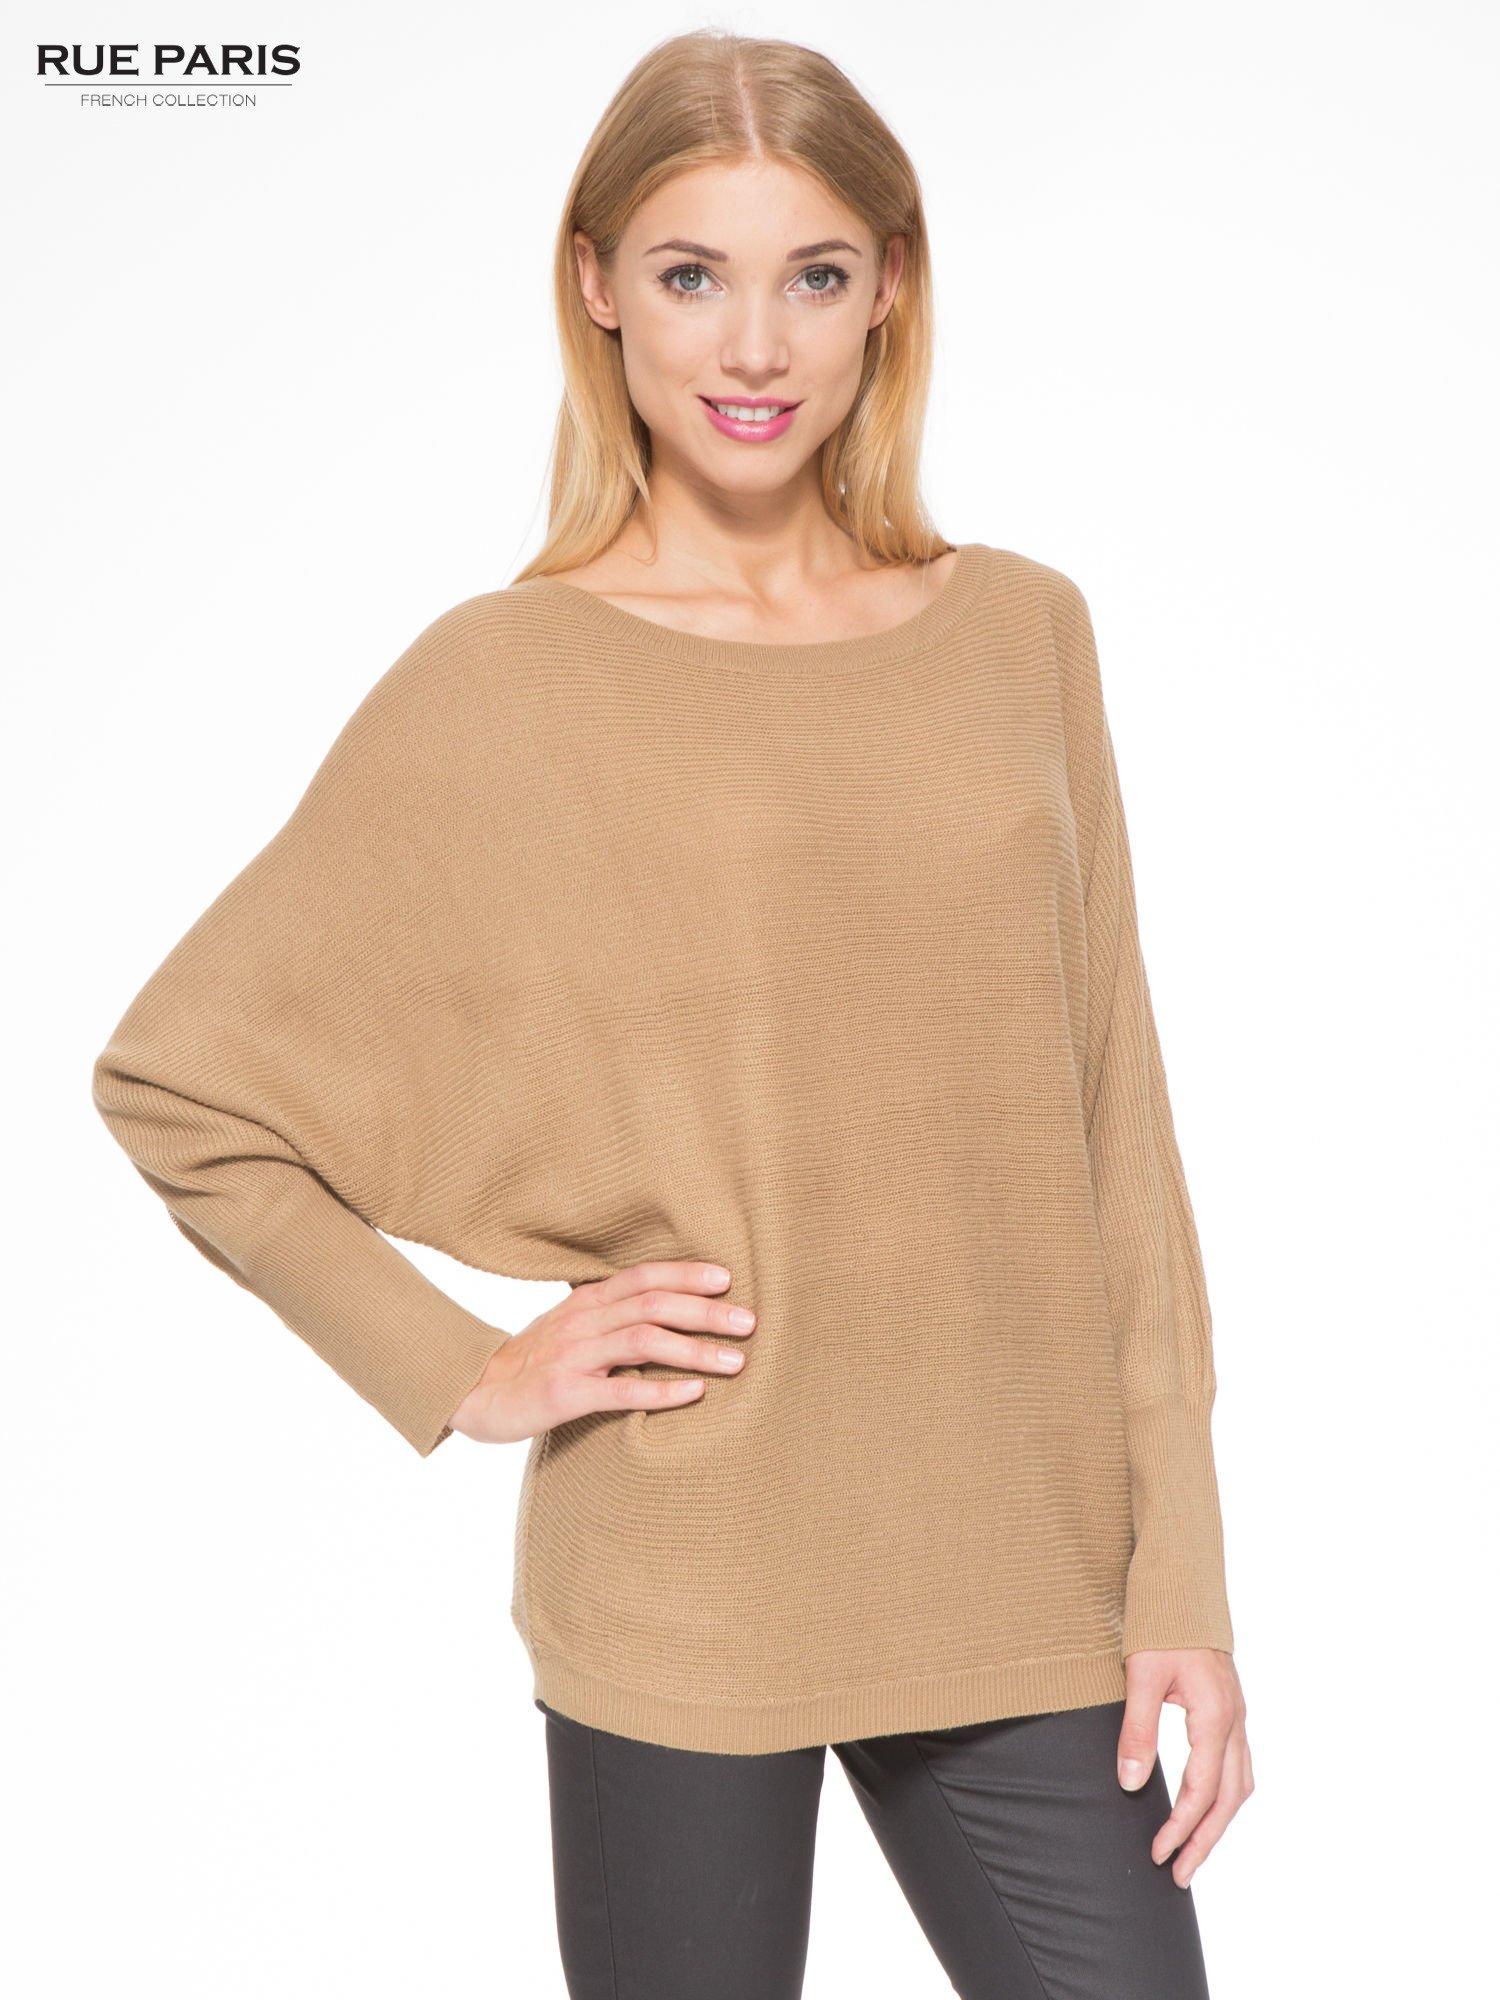 Ciemnobeżowy sweter z nietoperzowymi rękawami                                  zdj.                                  1